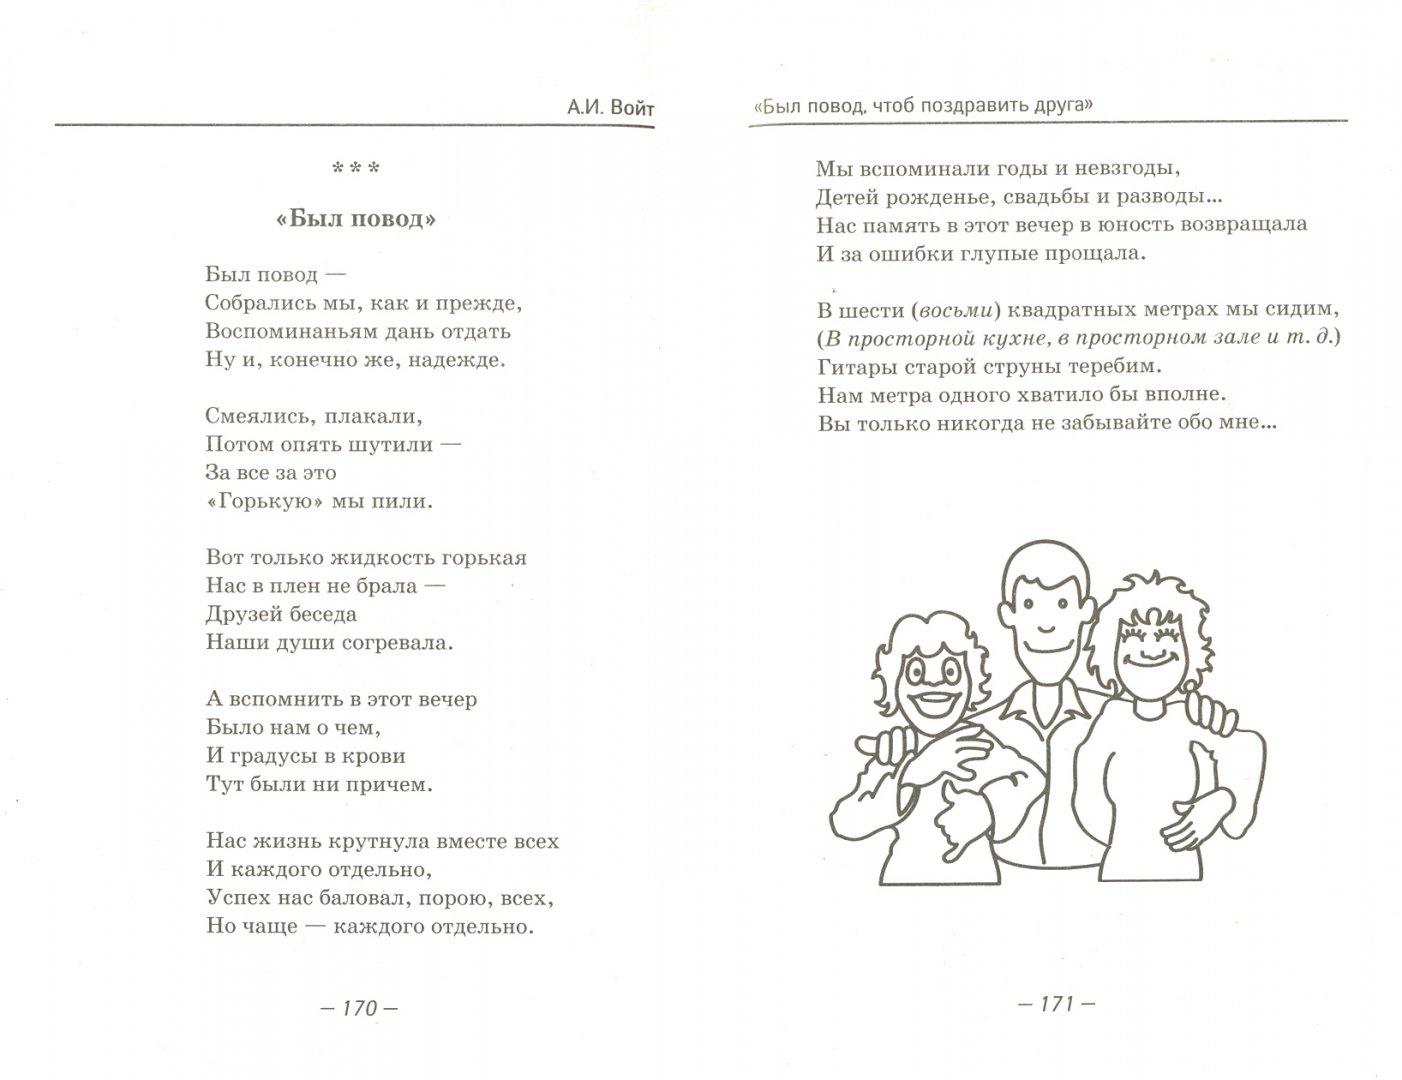 Иллюстрация 1 из 5 для Лучшие стихотворные поздравления - Анжелика Войт   Лабиринт - книги. Источник: Лабиринт